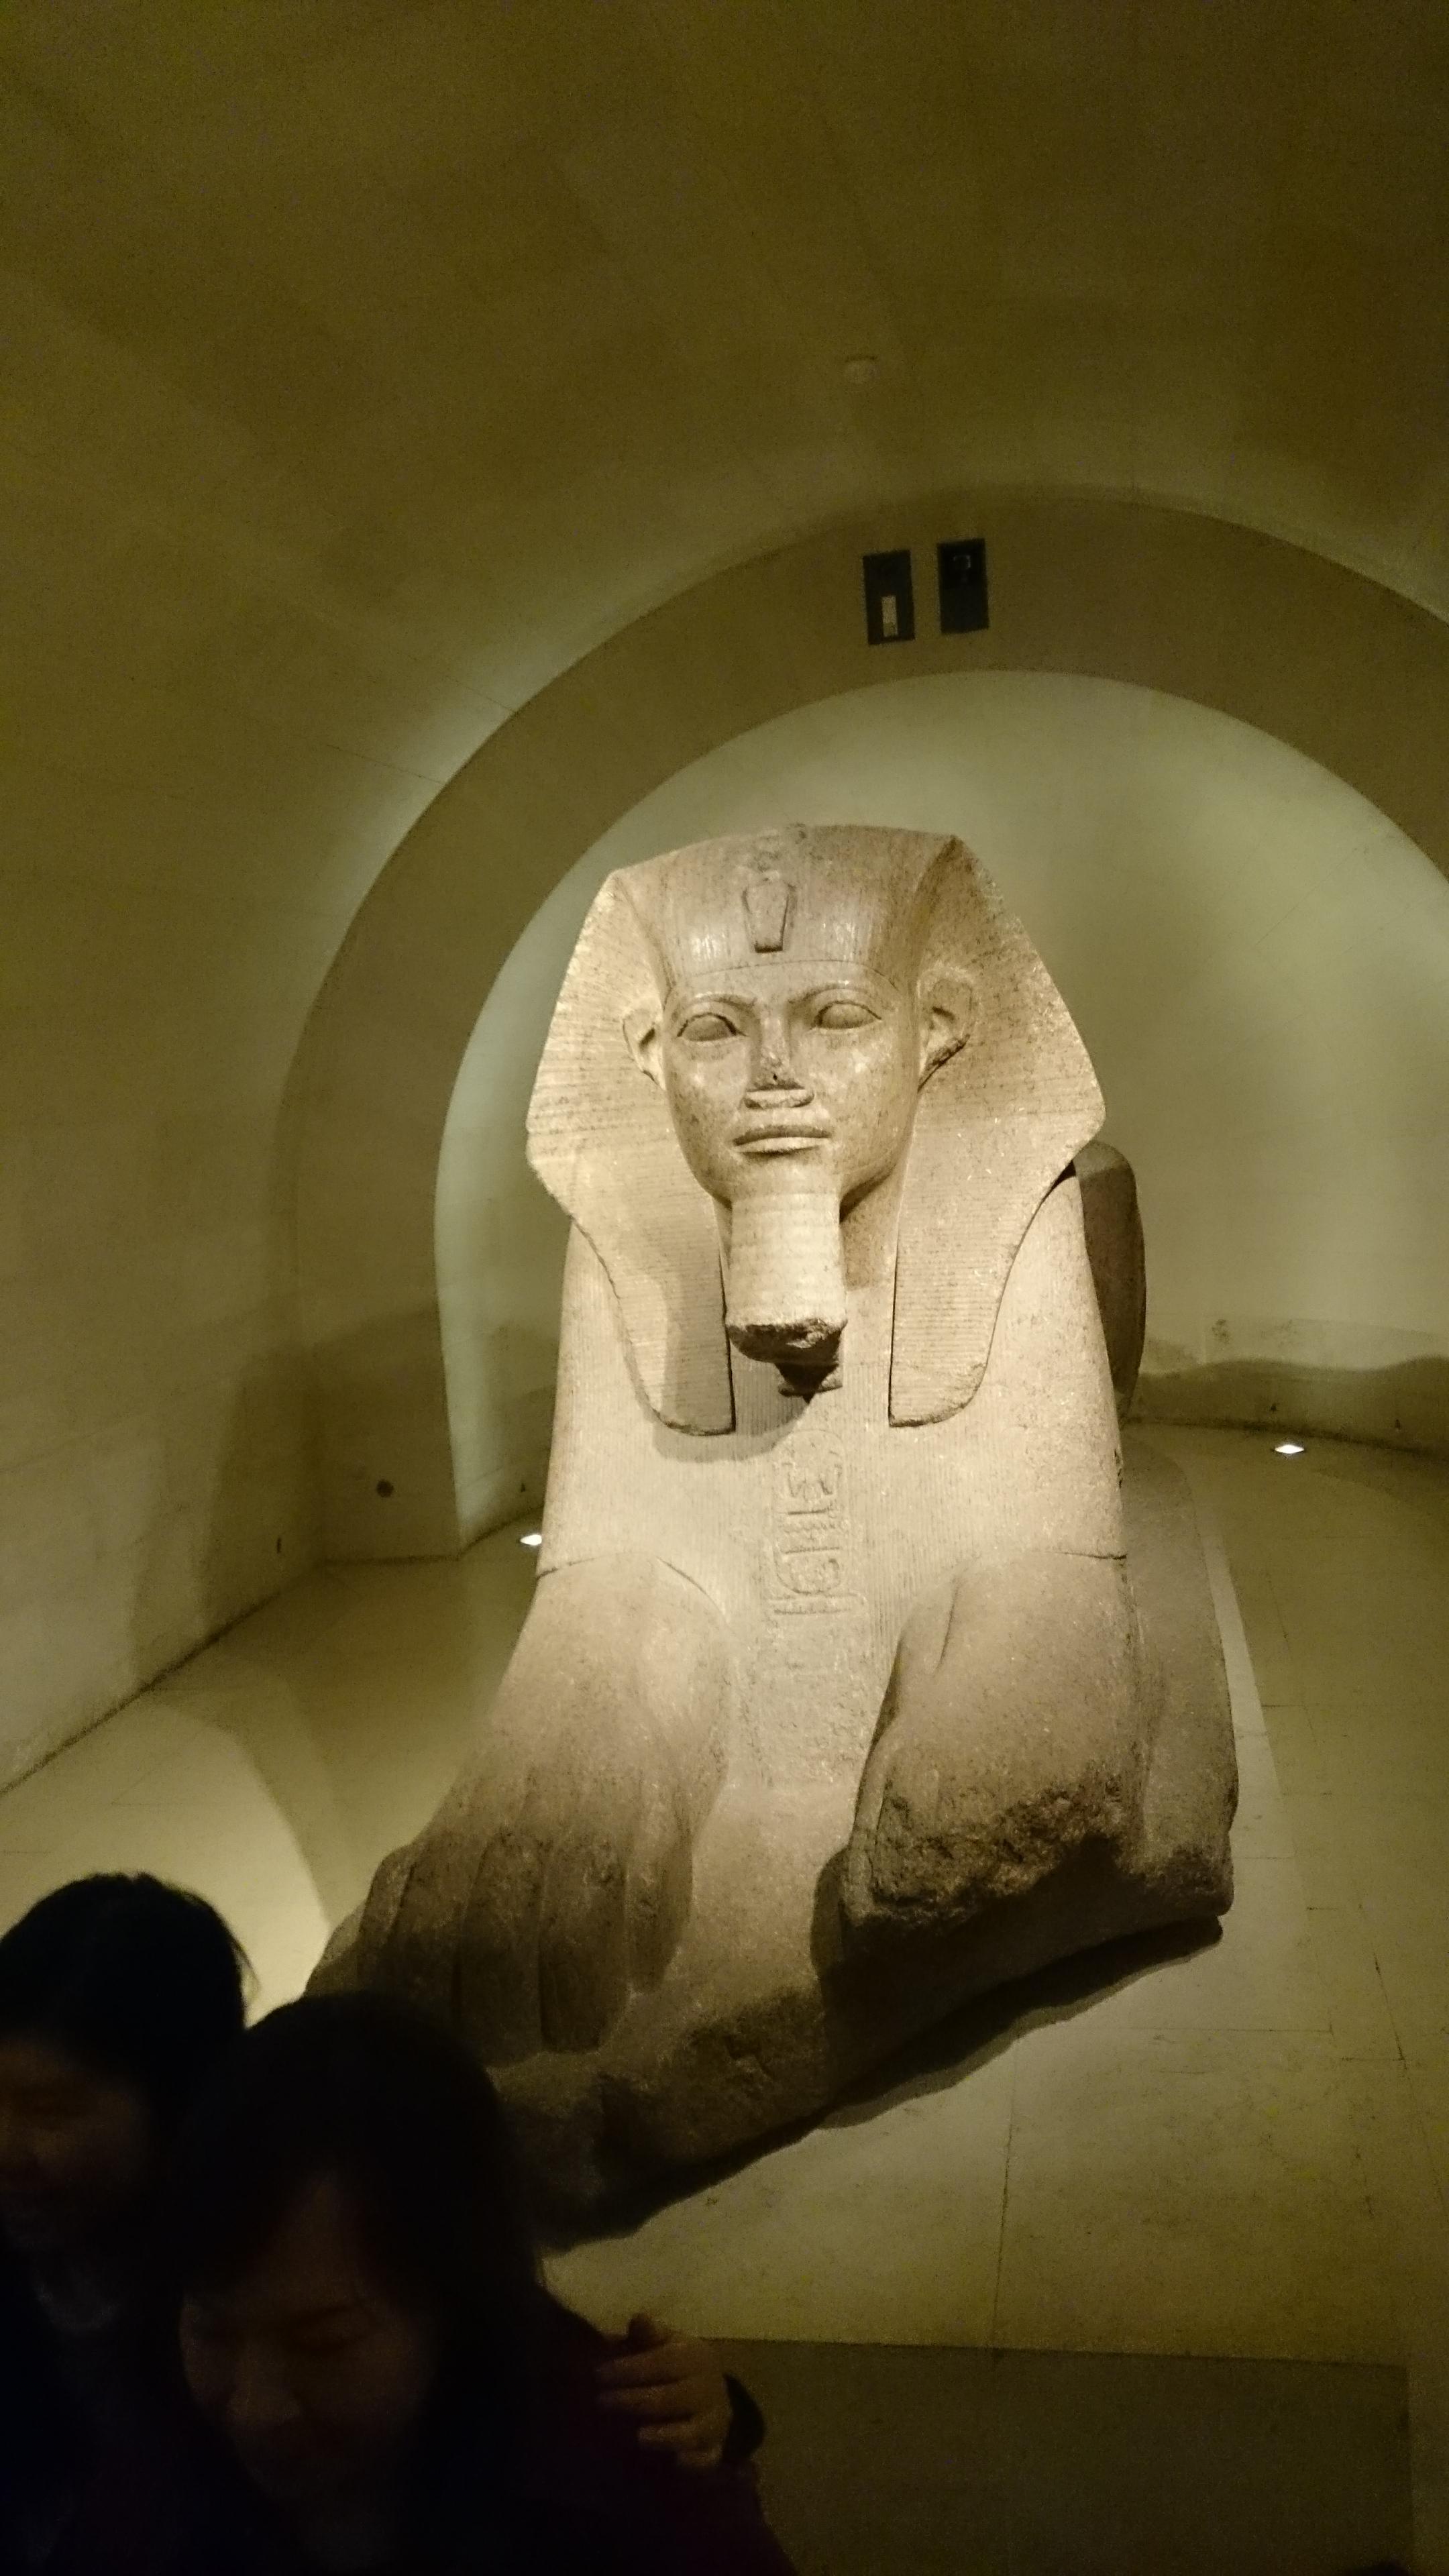 dsc 1563 - Consejos para visitar el Museo Louvre (y otros museos)